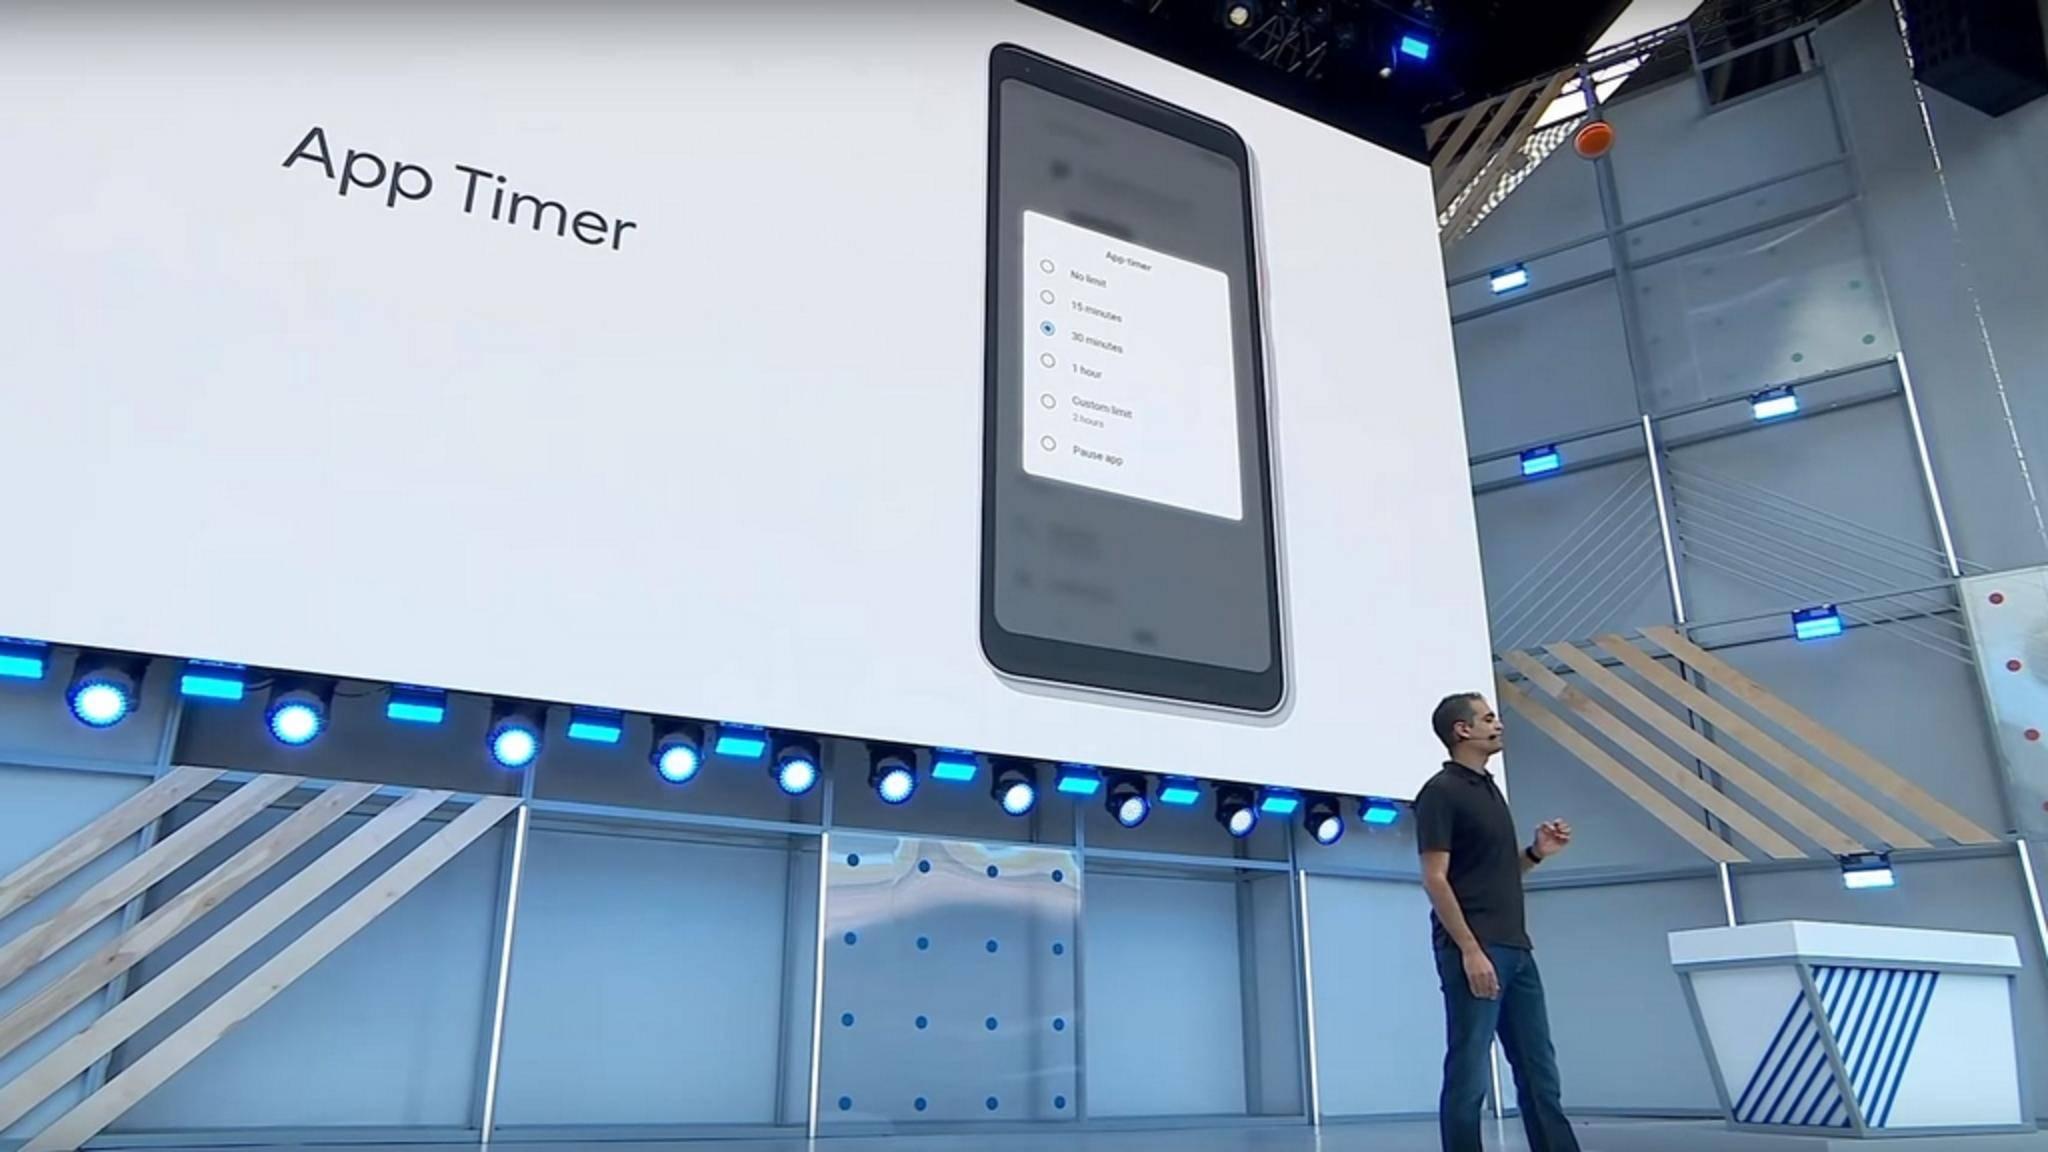 Mit einem App-Timer lässt sich bald die Nutzungsdauer einzelner Android-Apps beschränken.